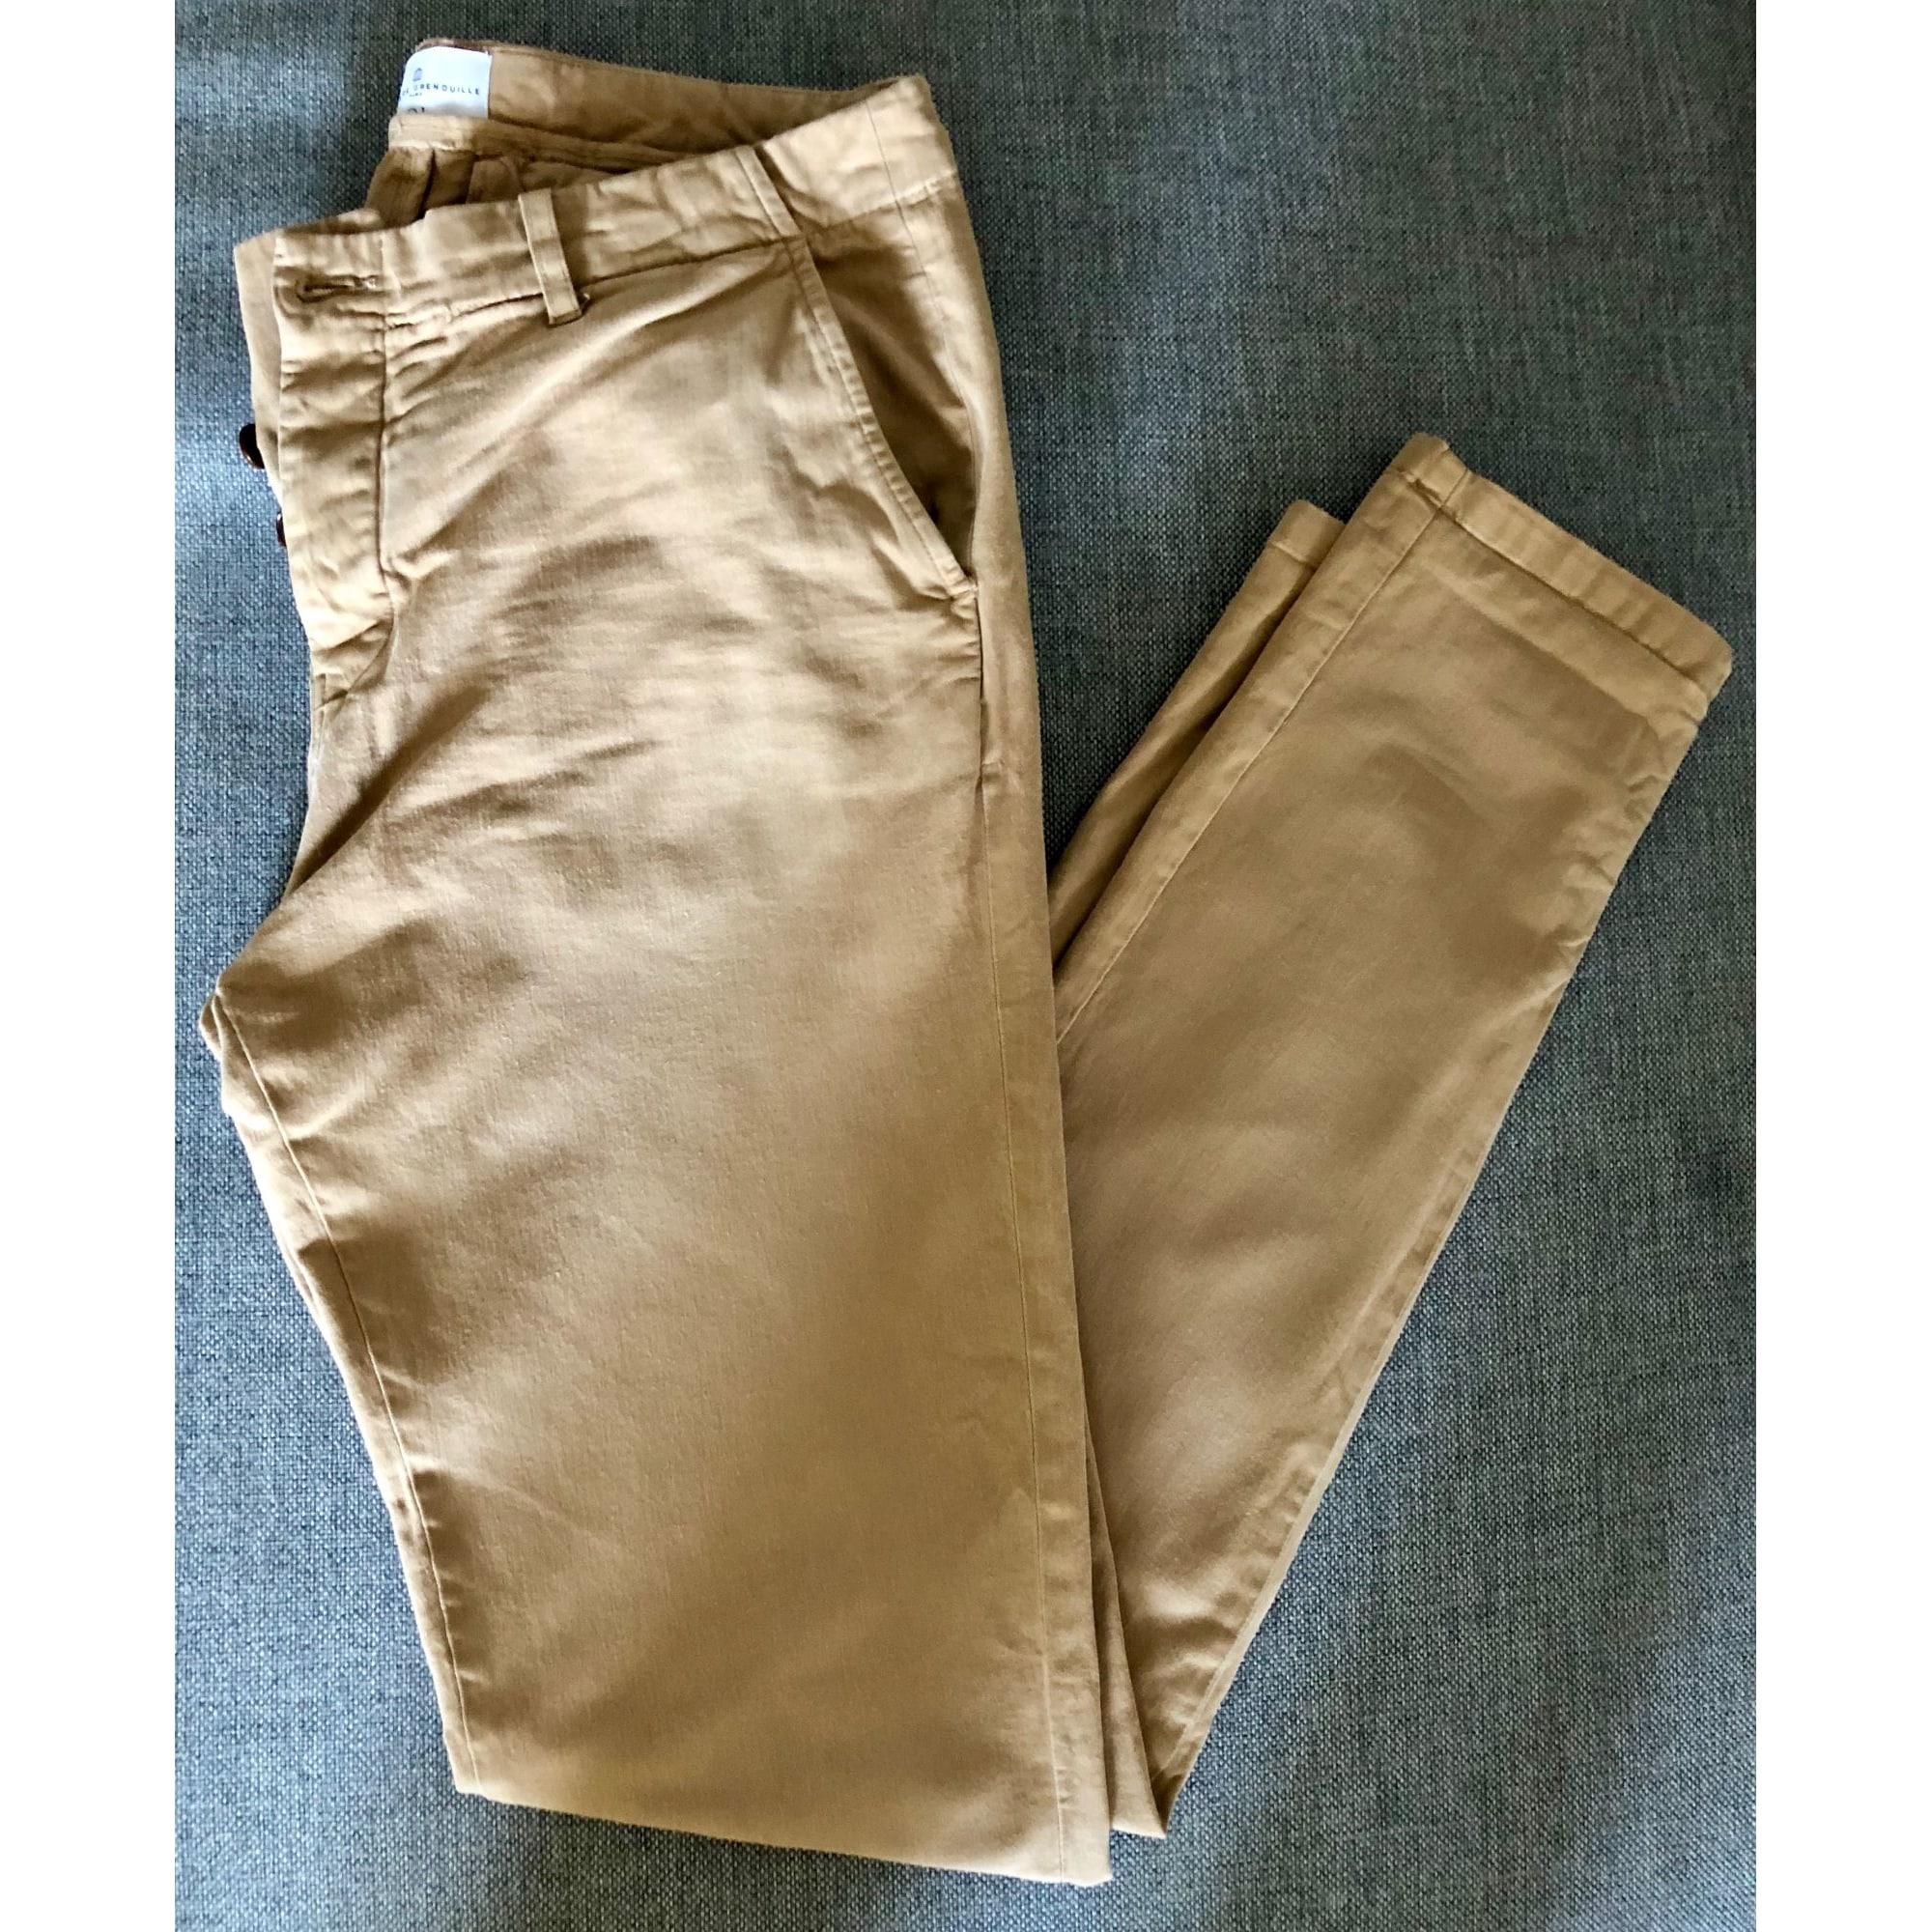 Pantalon Grenouille De Vendu Beige Slim m Par 39 Cuisse Matelo Sp1Sr